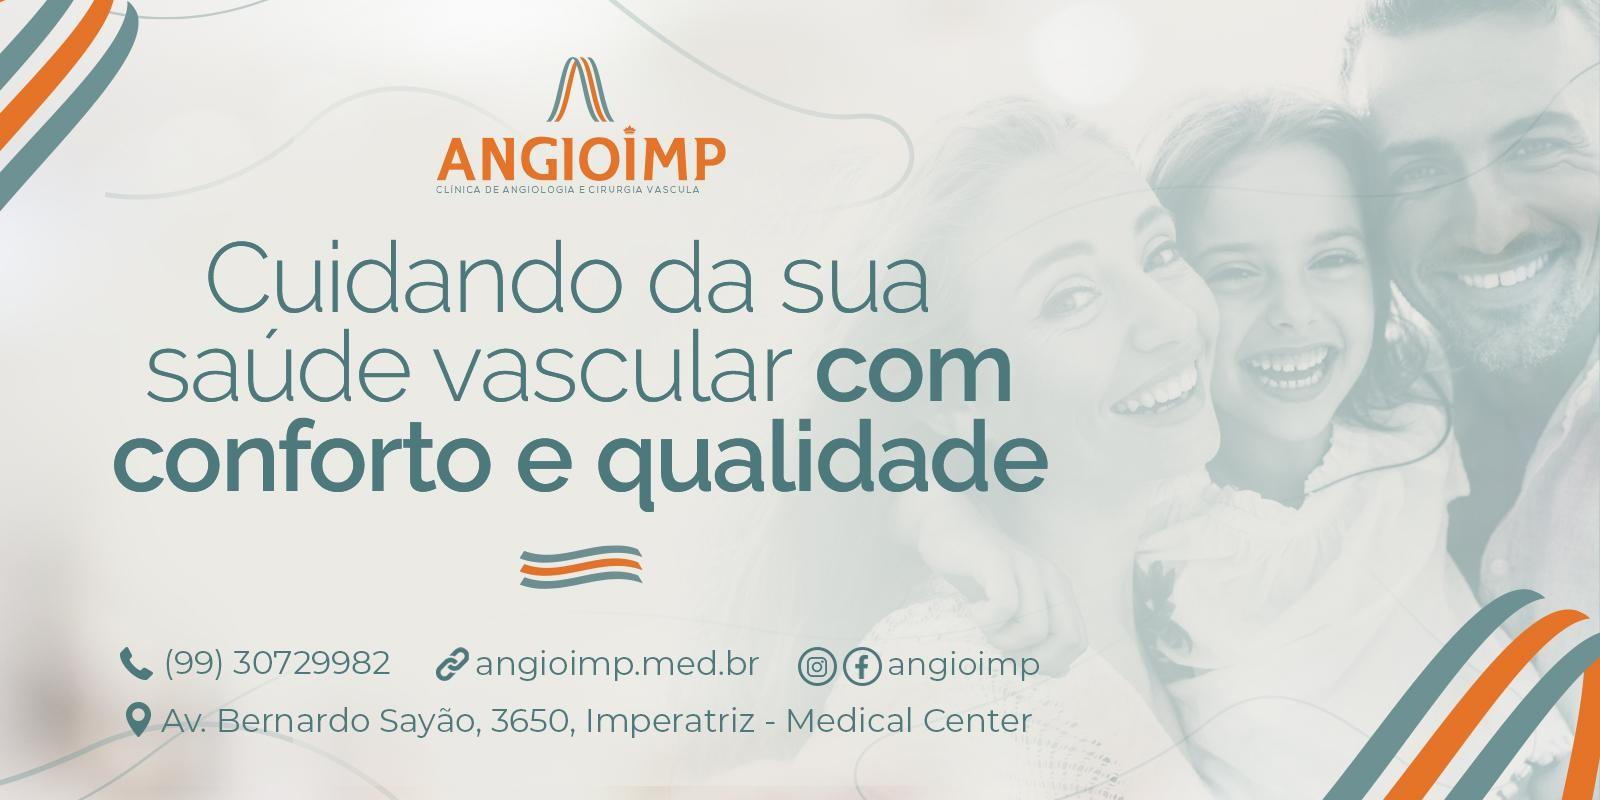 Janduí Lopes - Foto 1 de 1